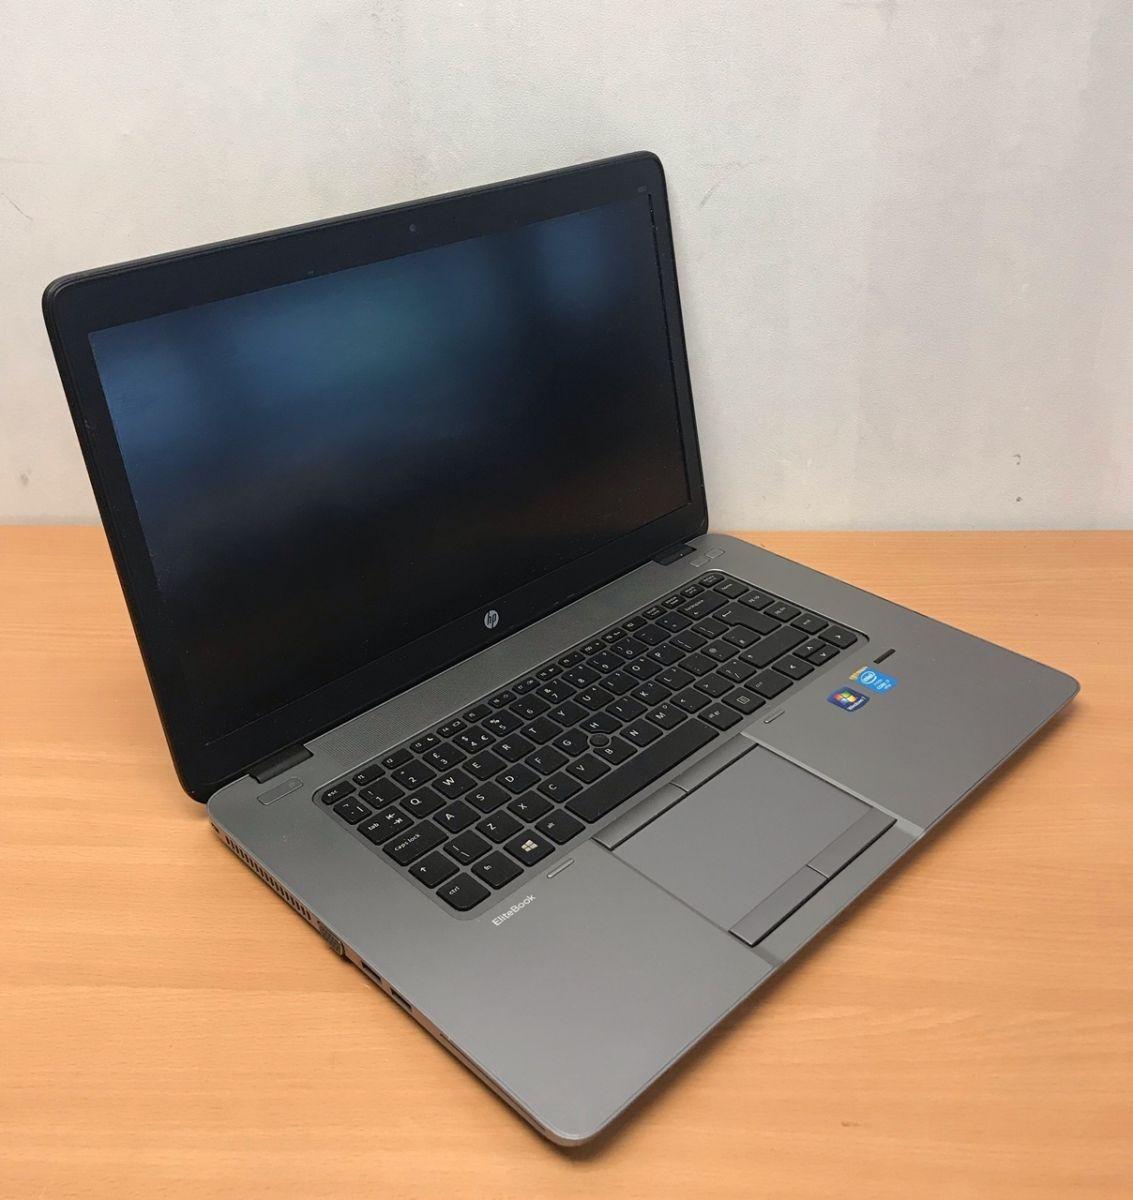 HP Elitebook 850 G2 (Intel Core i5-5200U, RAM 8GB, SSD 240GB, VGA rời 1GB, màn hình 15.6 inch full HD)